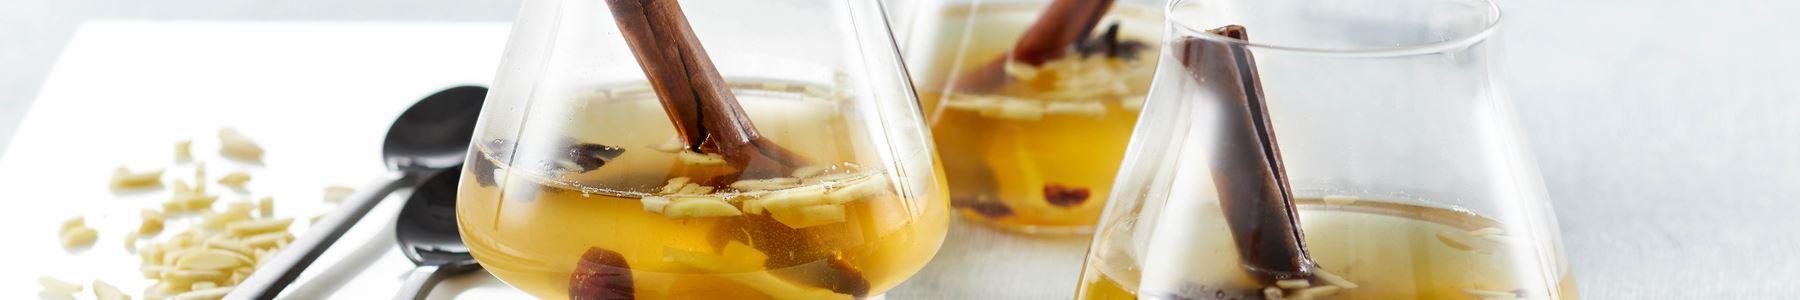 Citron + Varme drikke